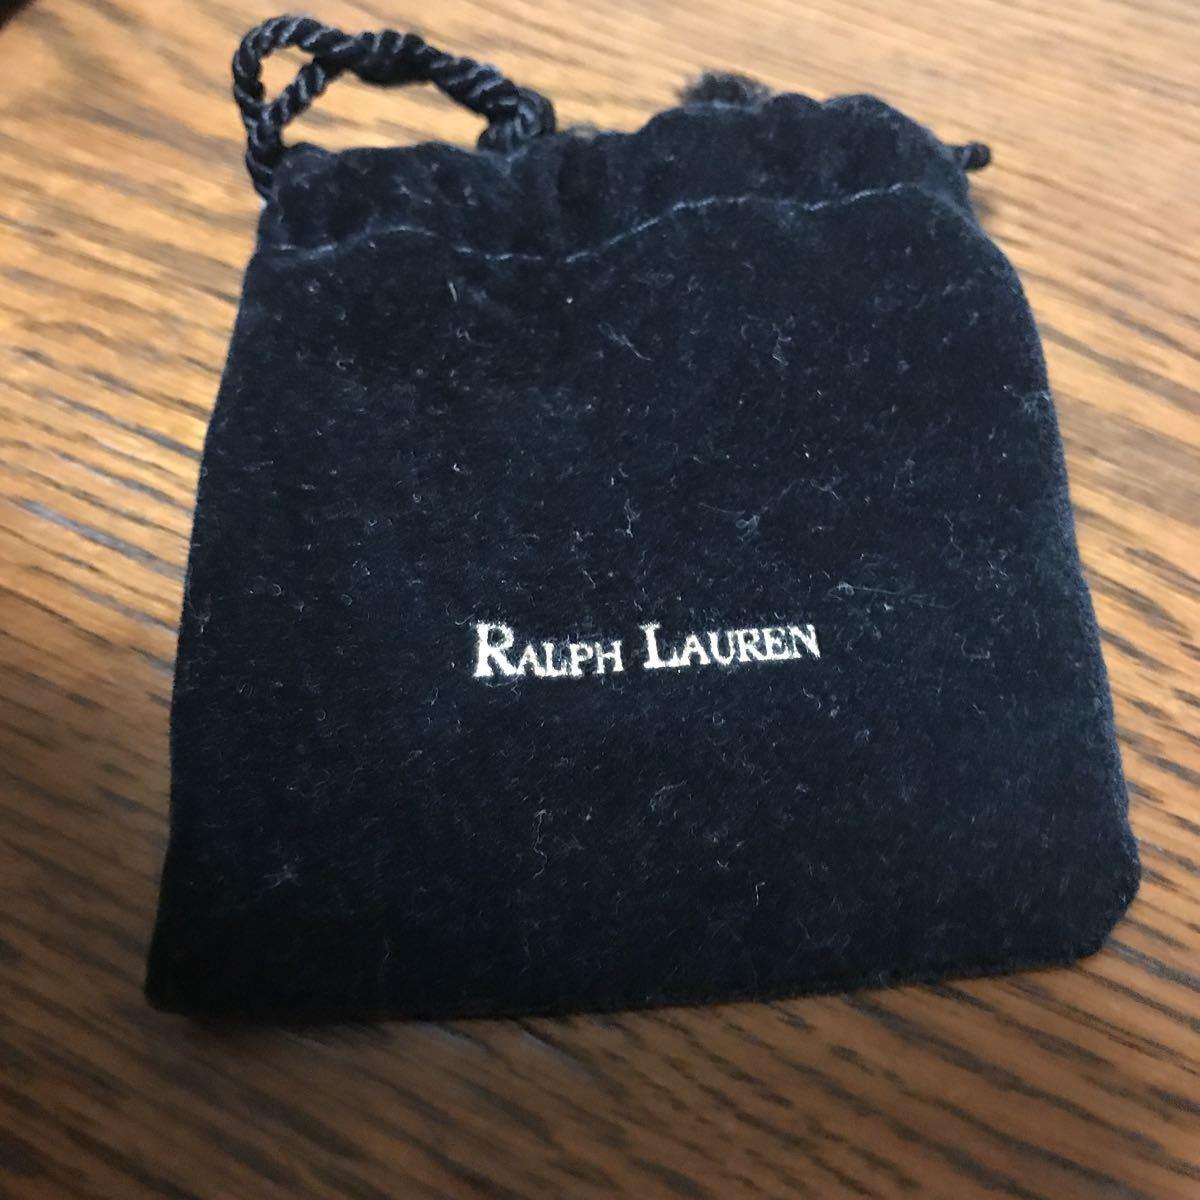 RALPH LAUREN ラルフローレン シルバー 925 ネックレス 88g ④_画像10